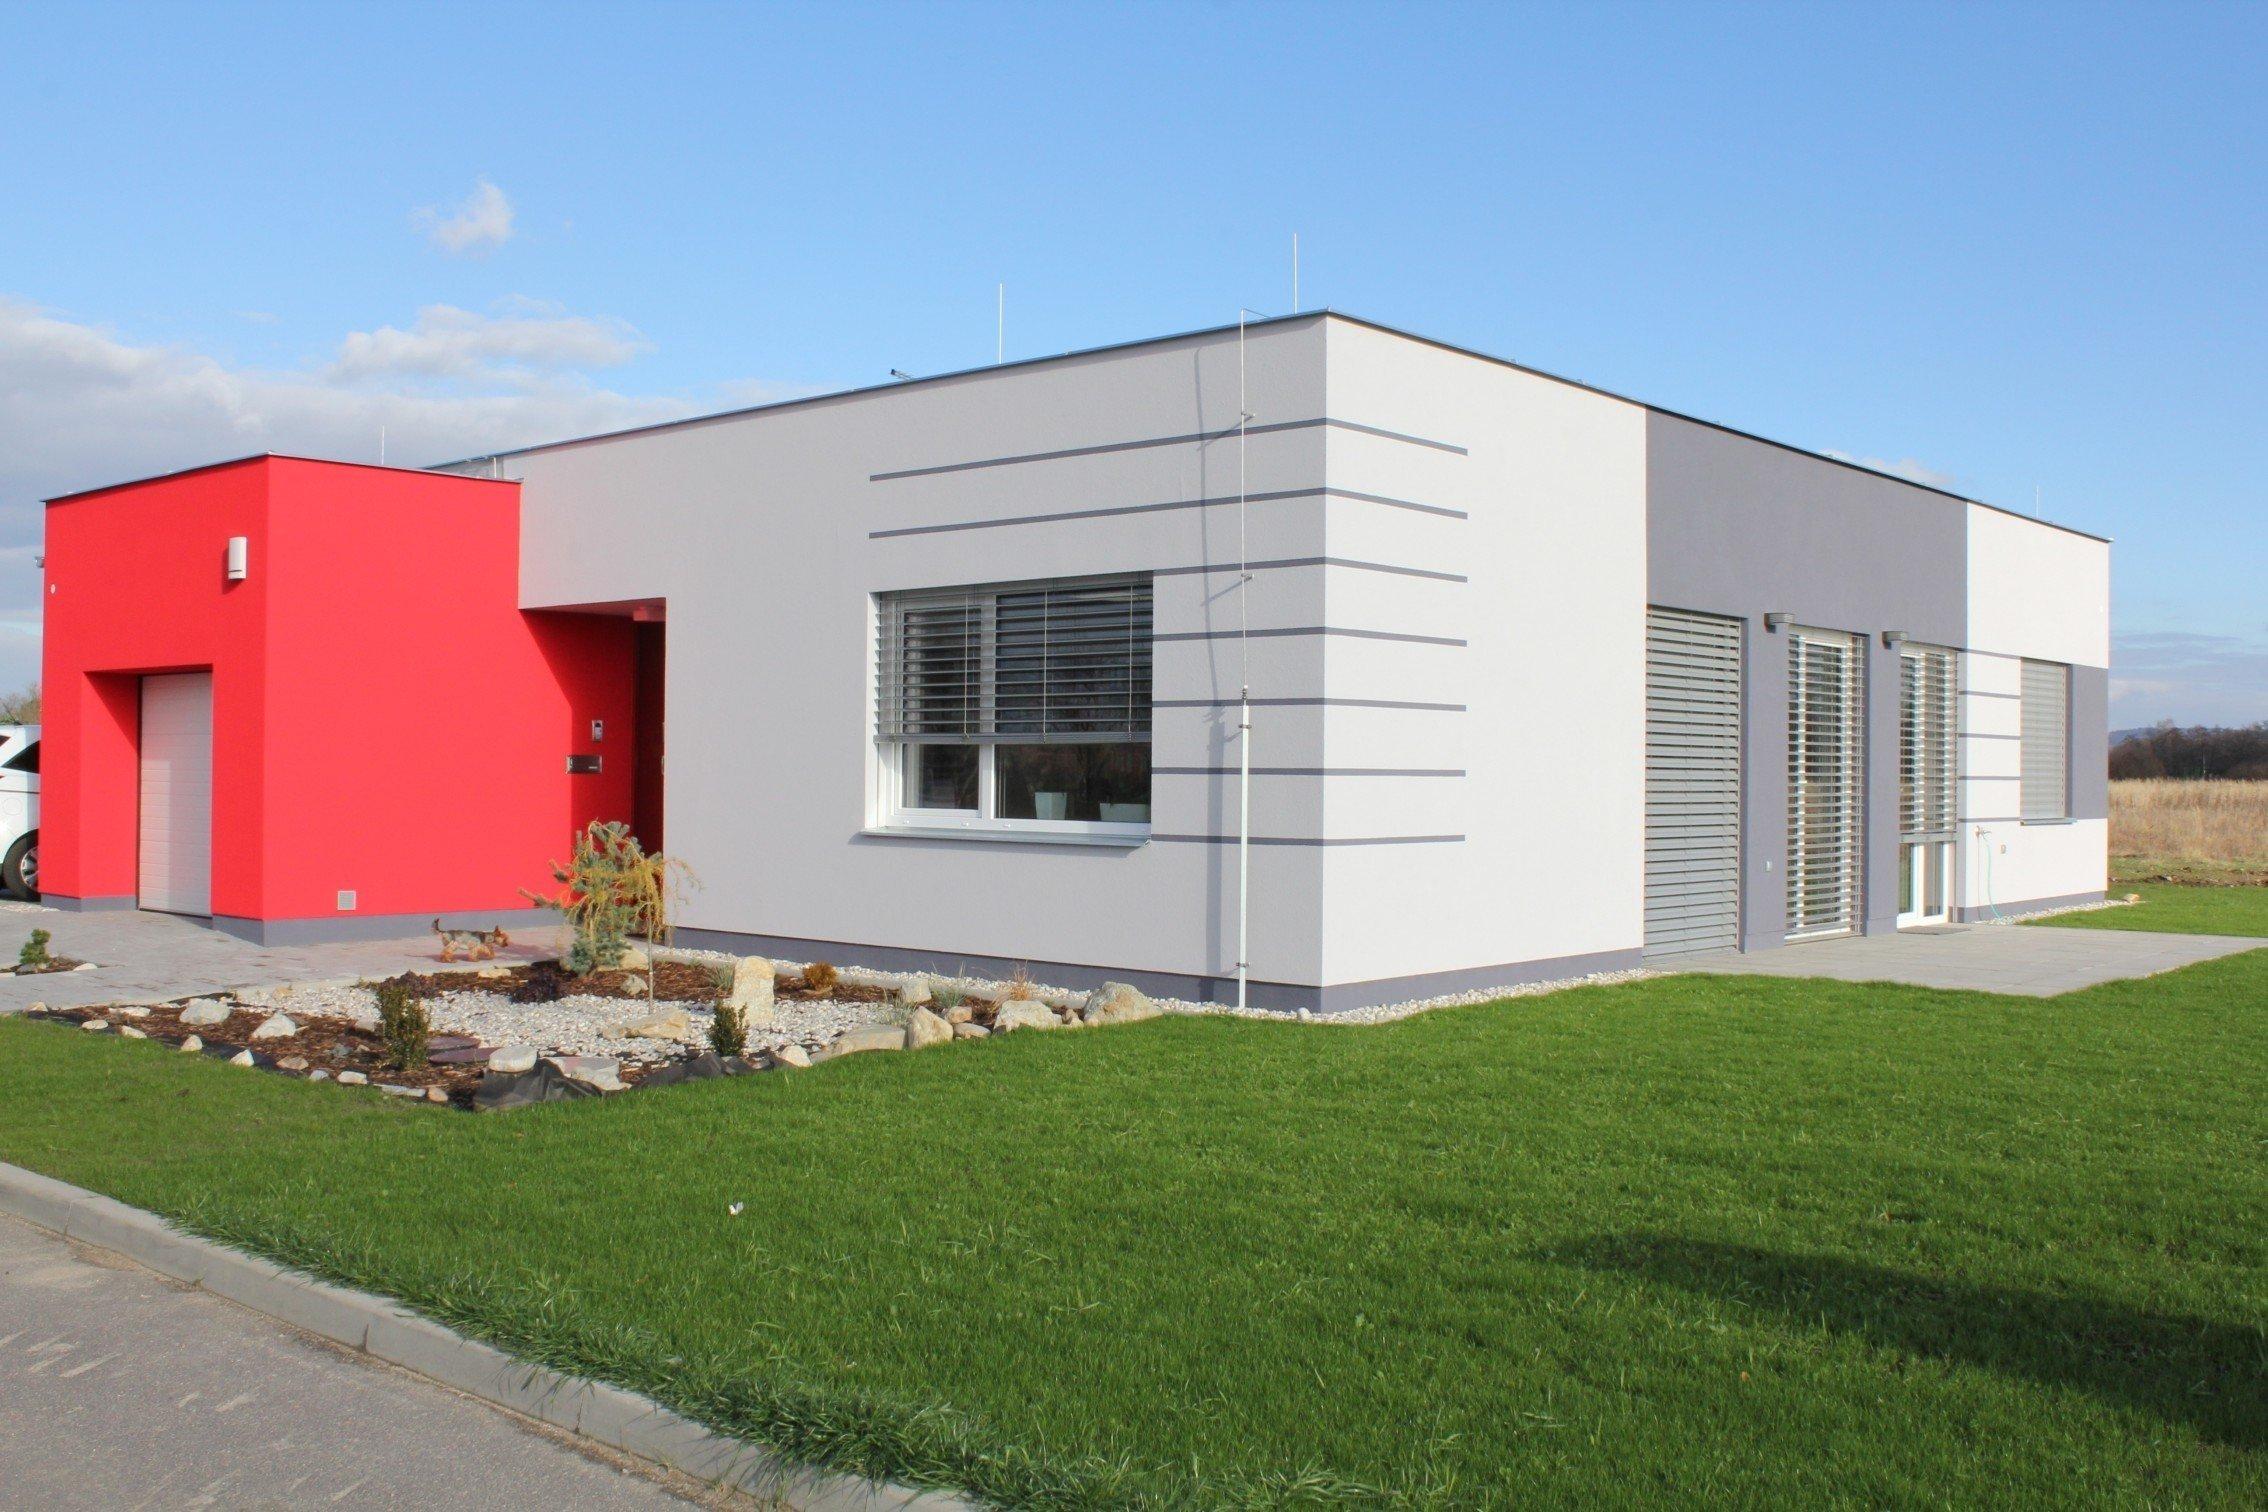 Přízemní objekt, design včetně barevnosti se promítá do řešení interieru